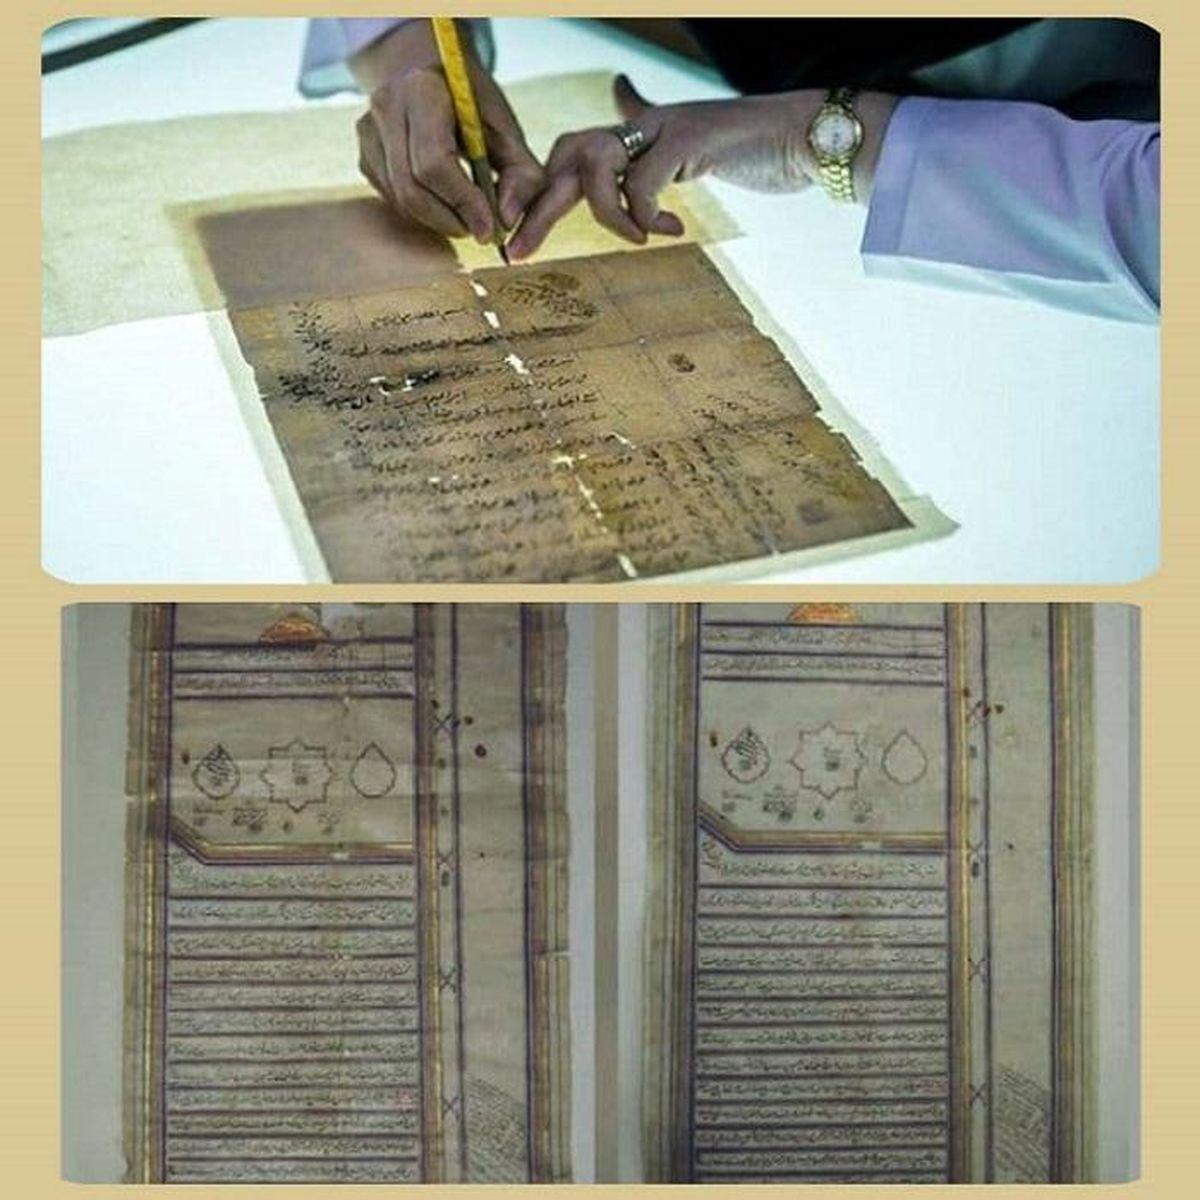 بیش از 25 هزار برگ از اسناد تاریخی، کتب خطی و چاپی نفیس مرمت شد